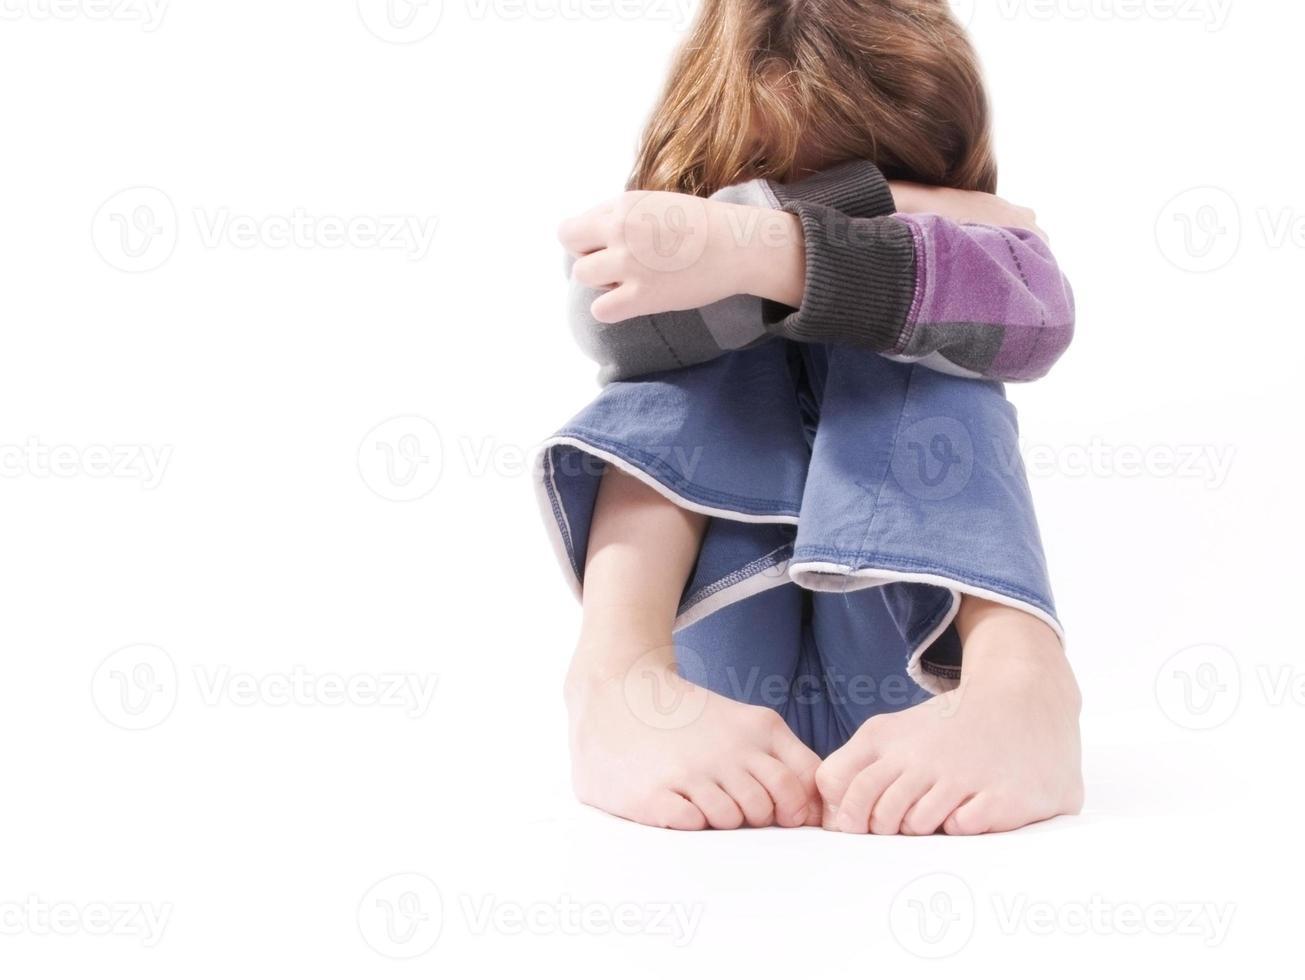 criança triste, pés em posição emocional foto